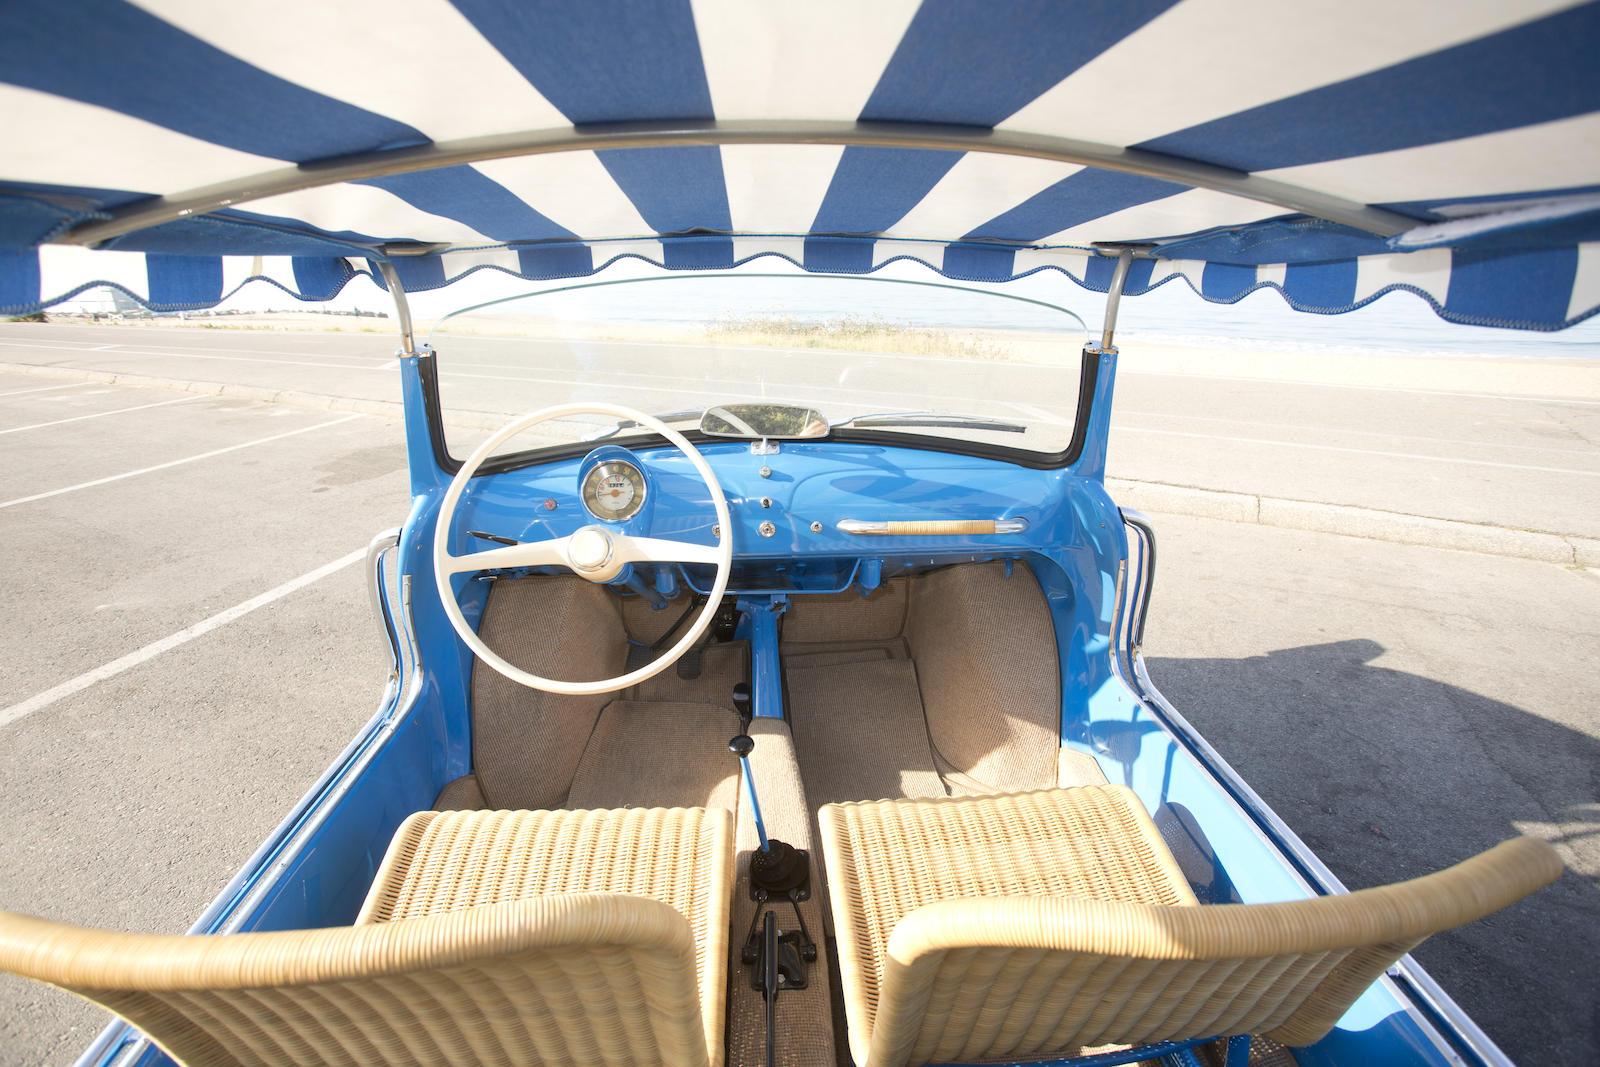 1959 Fiat Jolly interior